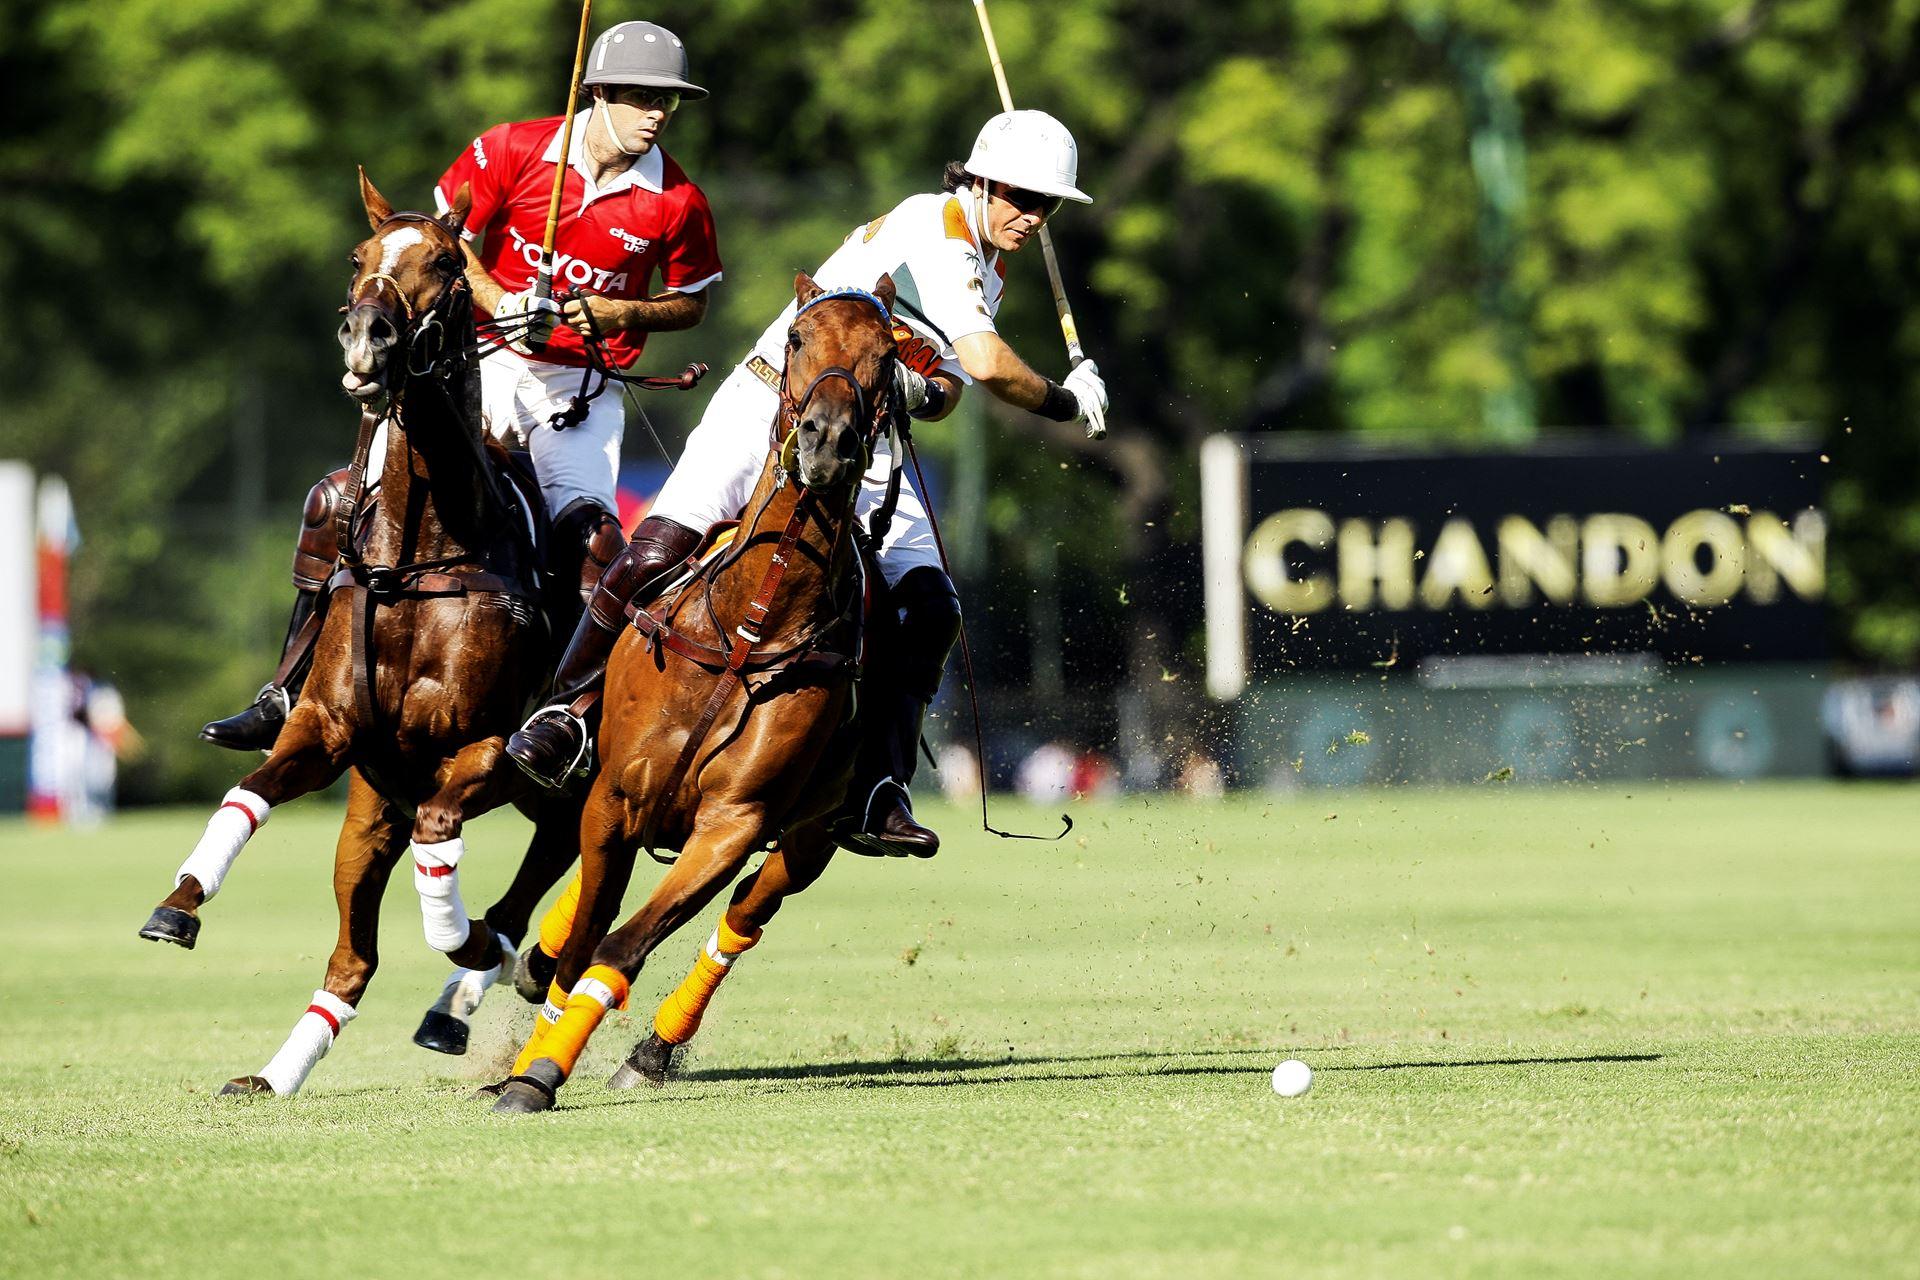 Dónde aprender, jugar y ver Polo en Argentina